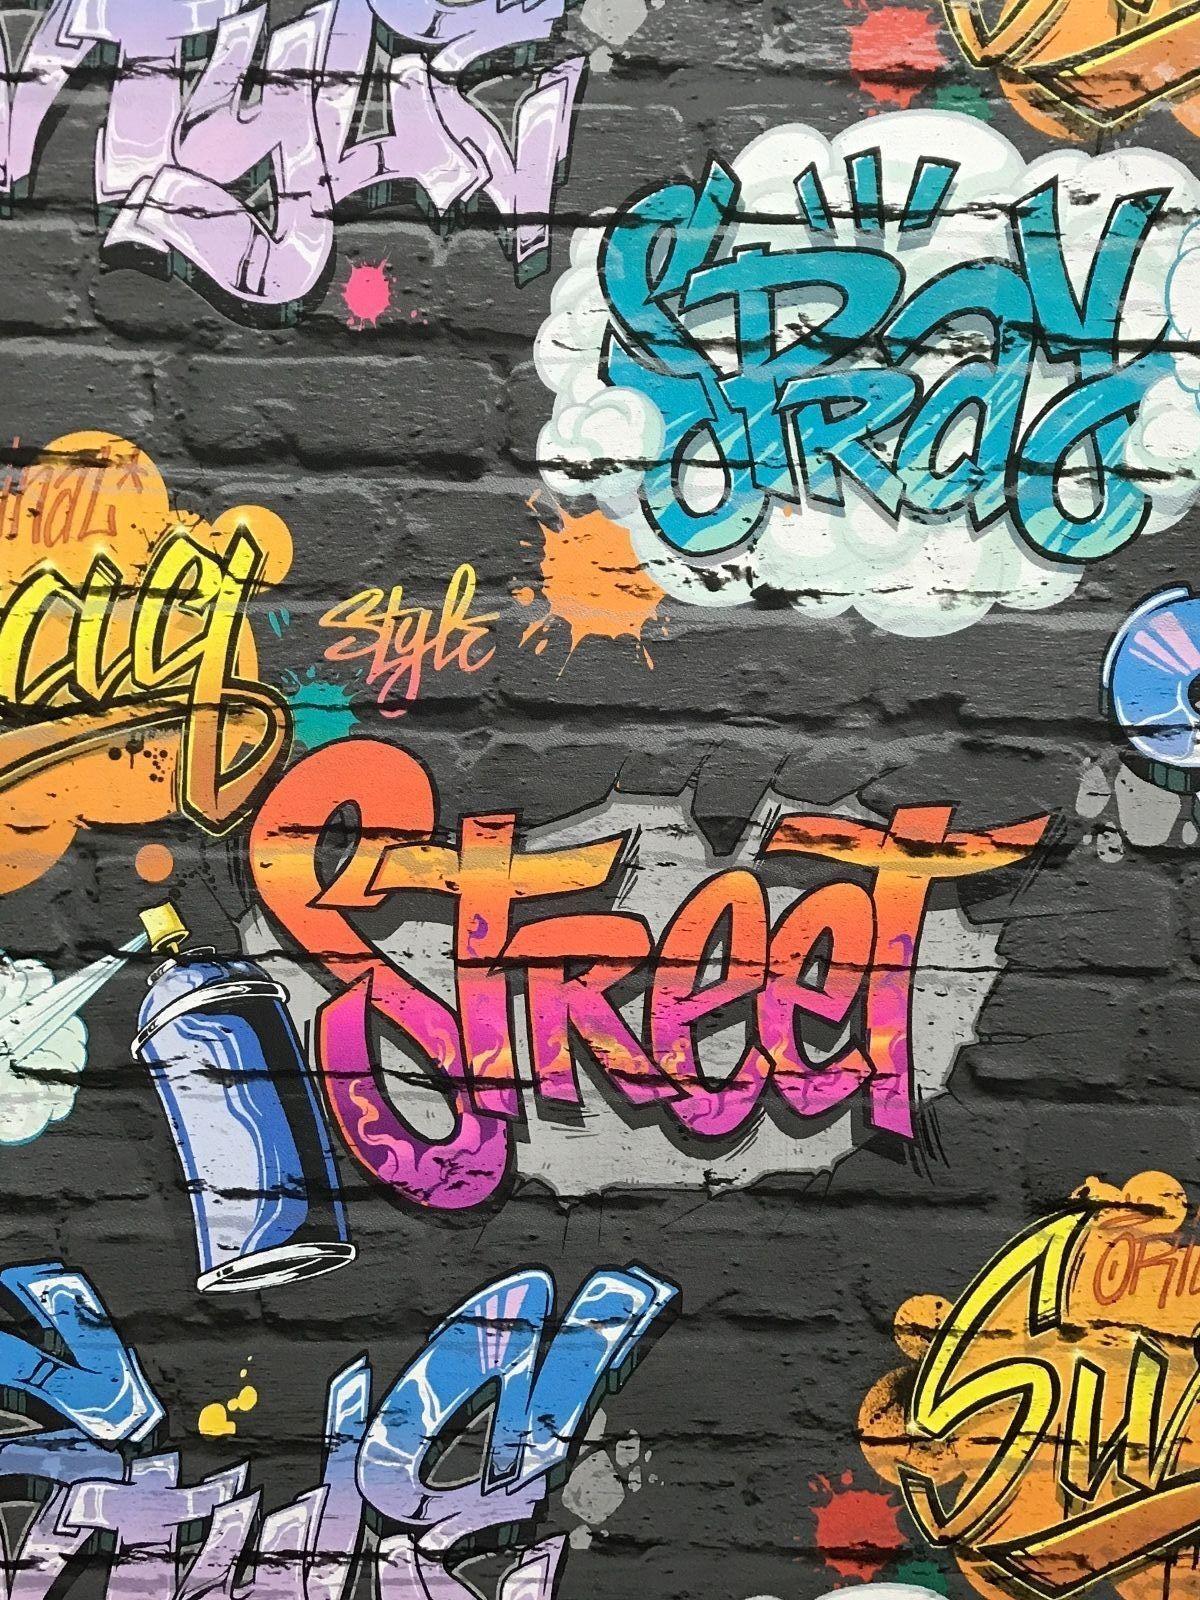 Graffiti Wallpaper Teenage Kids Black Brick Wall Quality Wallpaper Ugepa